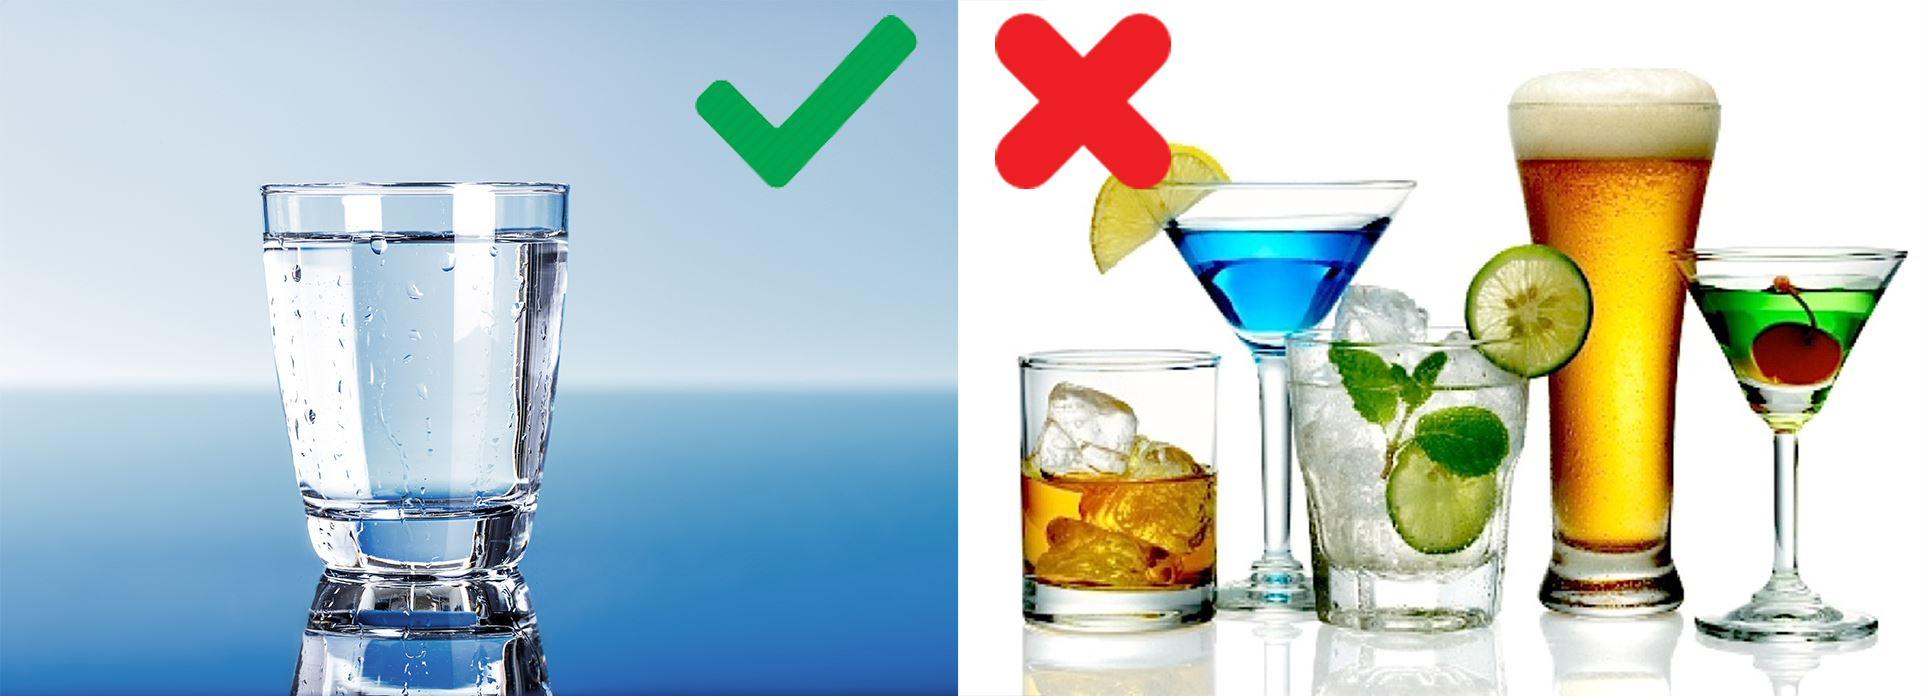 Uống với nước lọc là cách sử dụng Hồng Mạch Khang chuẩn